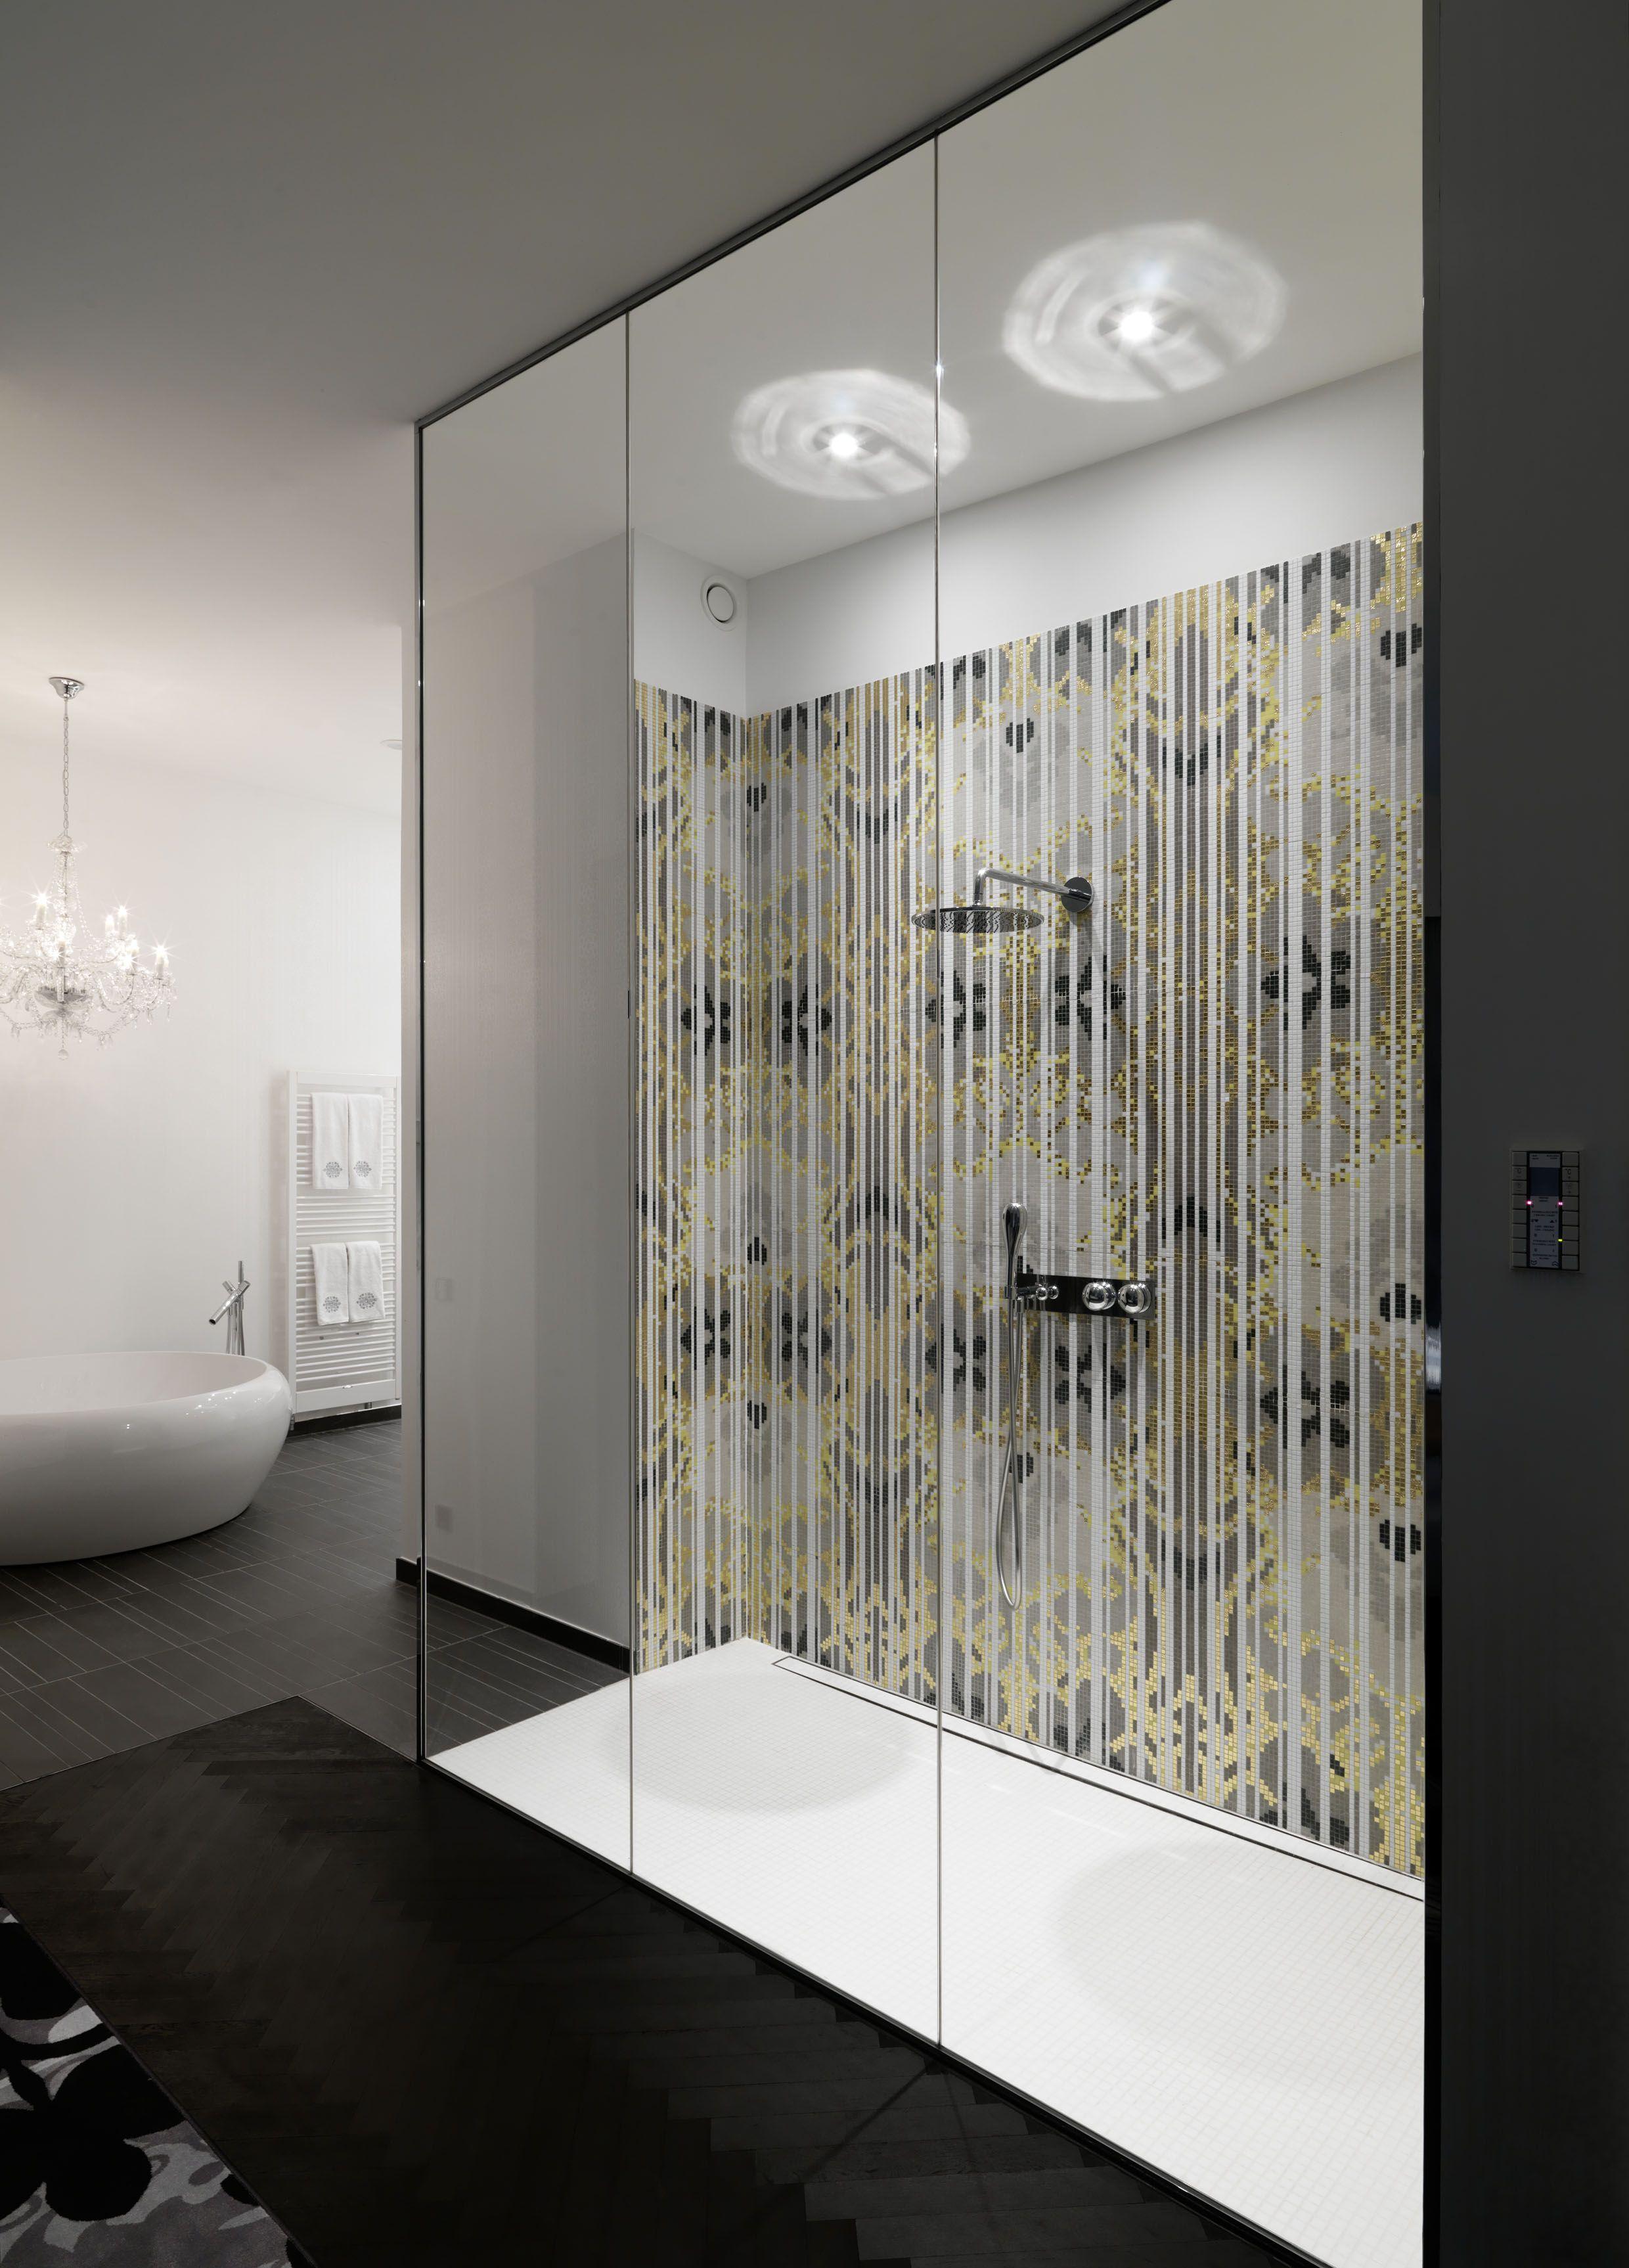 geraumiges badezimmer suite groß bild der fdbfbaffacdd